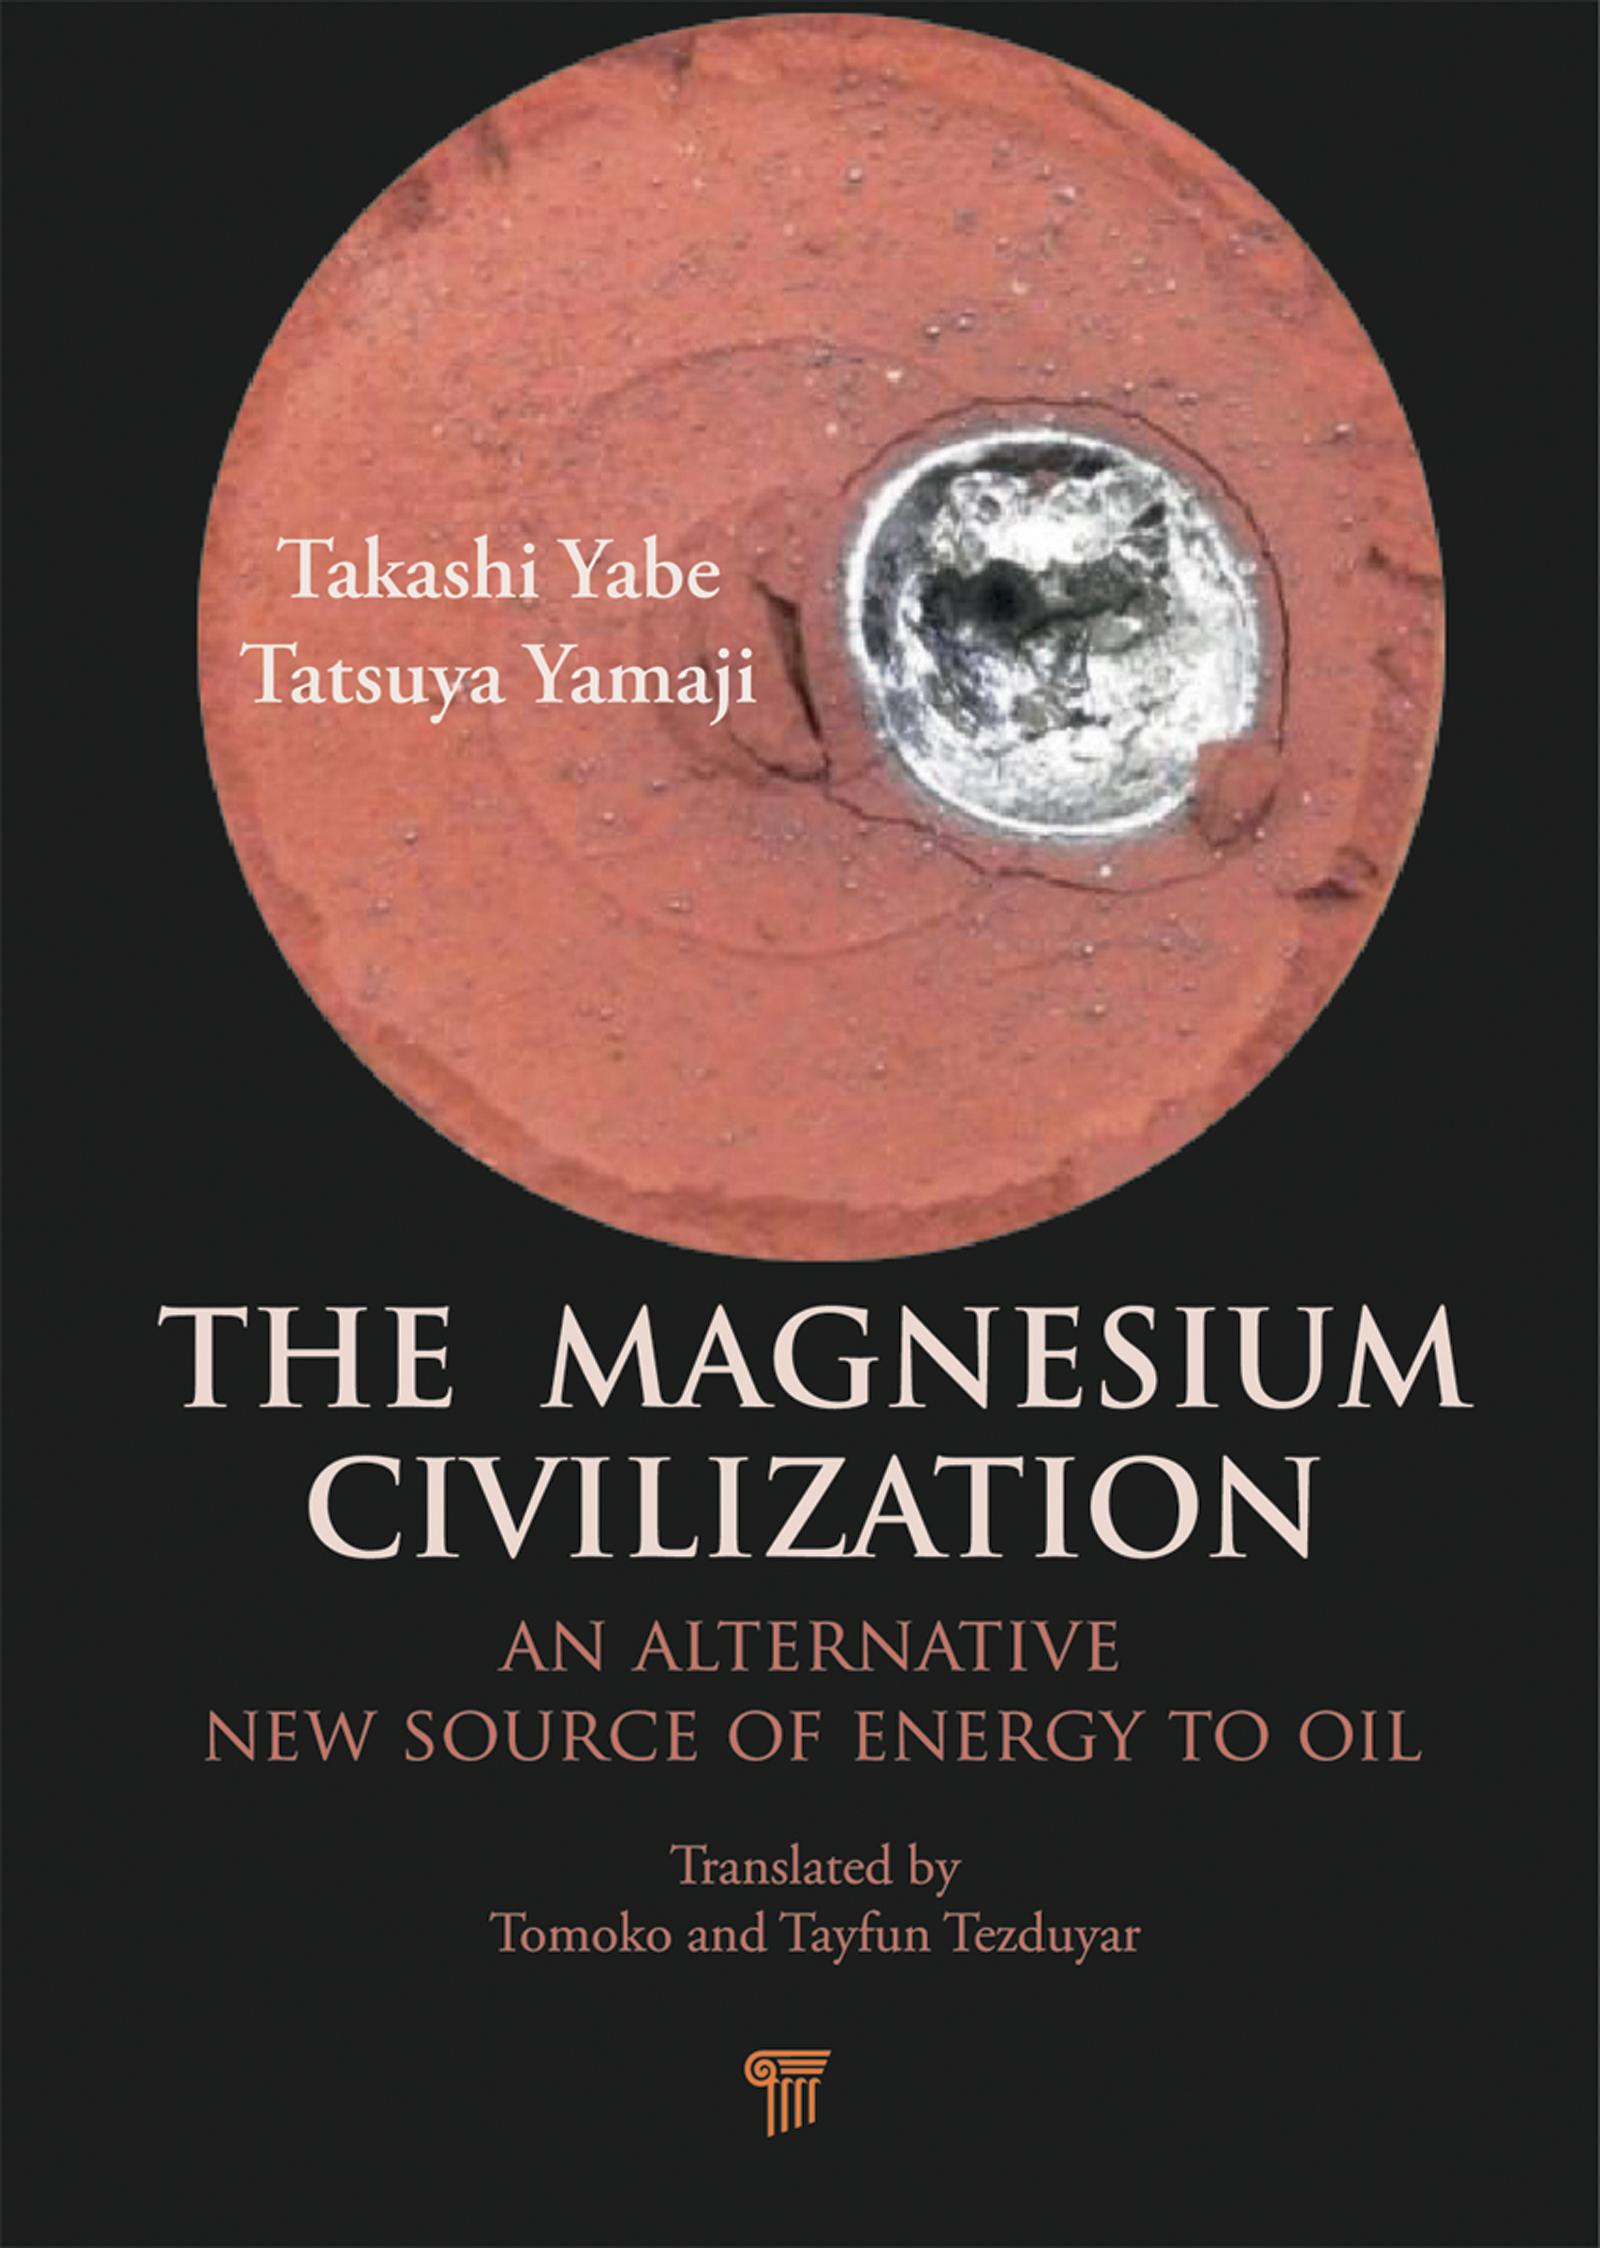 The Magnesium Civilization